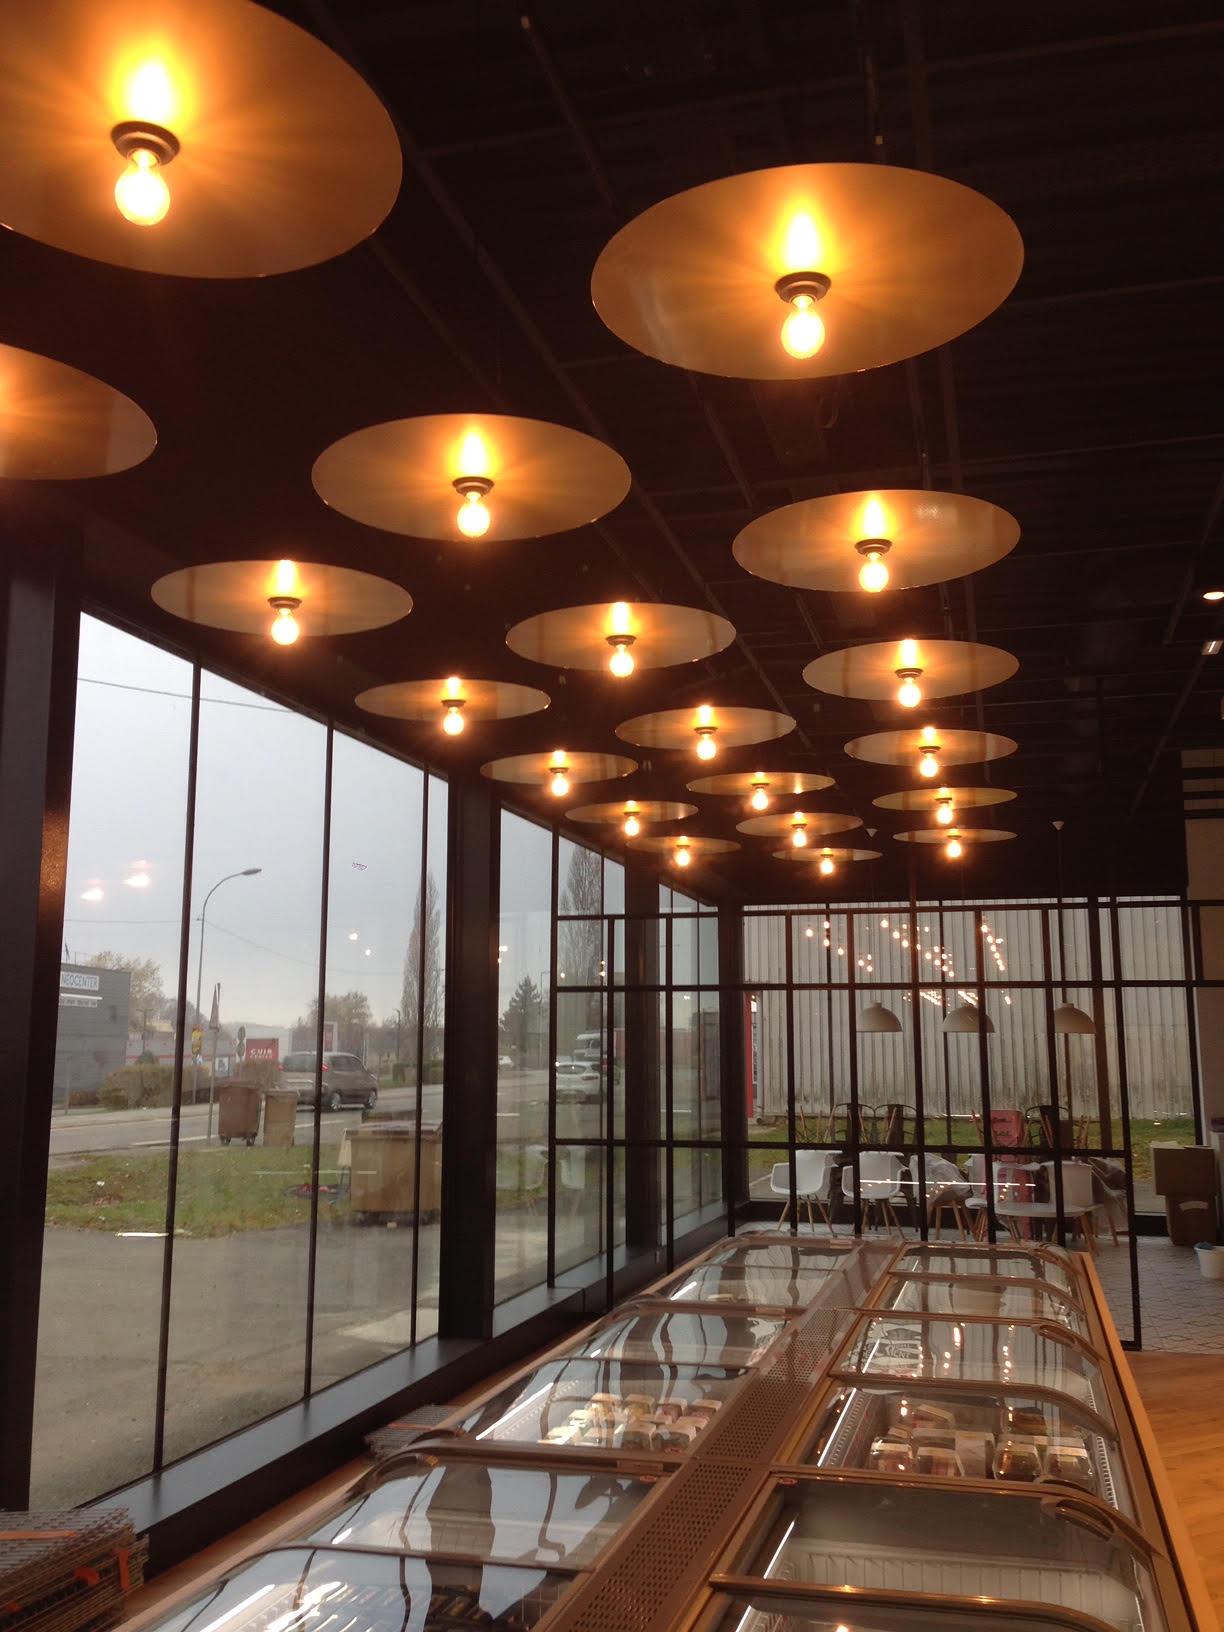 Eclairage architecturale belfort montbéliard